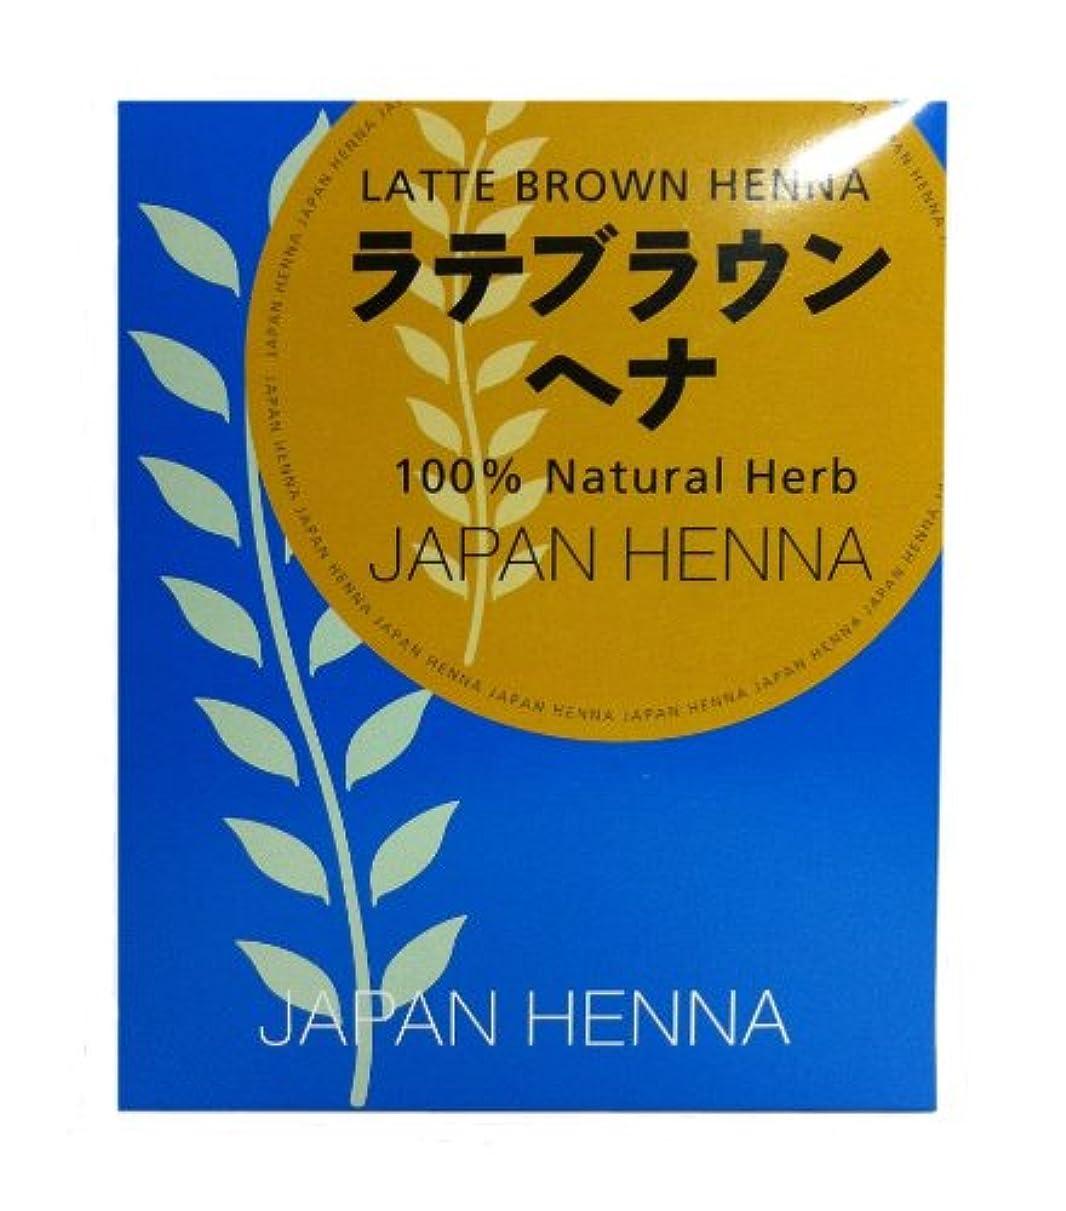 お風呂を持っているグリースシニスジャパンヘナ 天然100% ヘナパウダー ラテブラウン 100g 手袋入り B-10 白髪染め